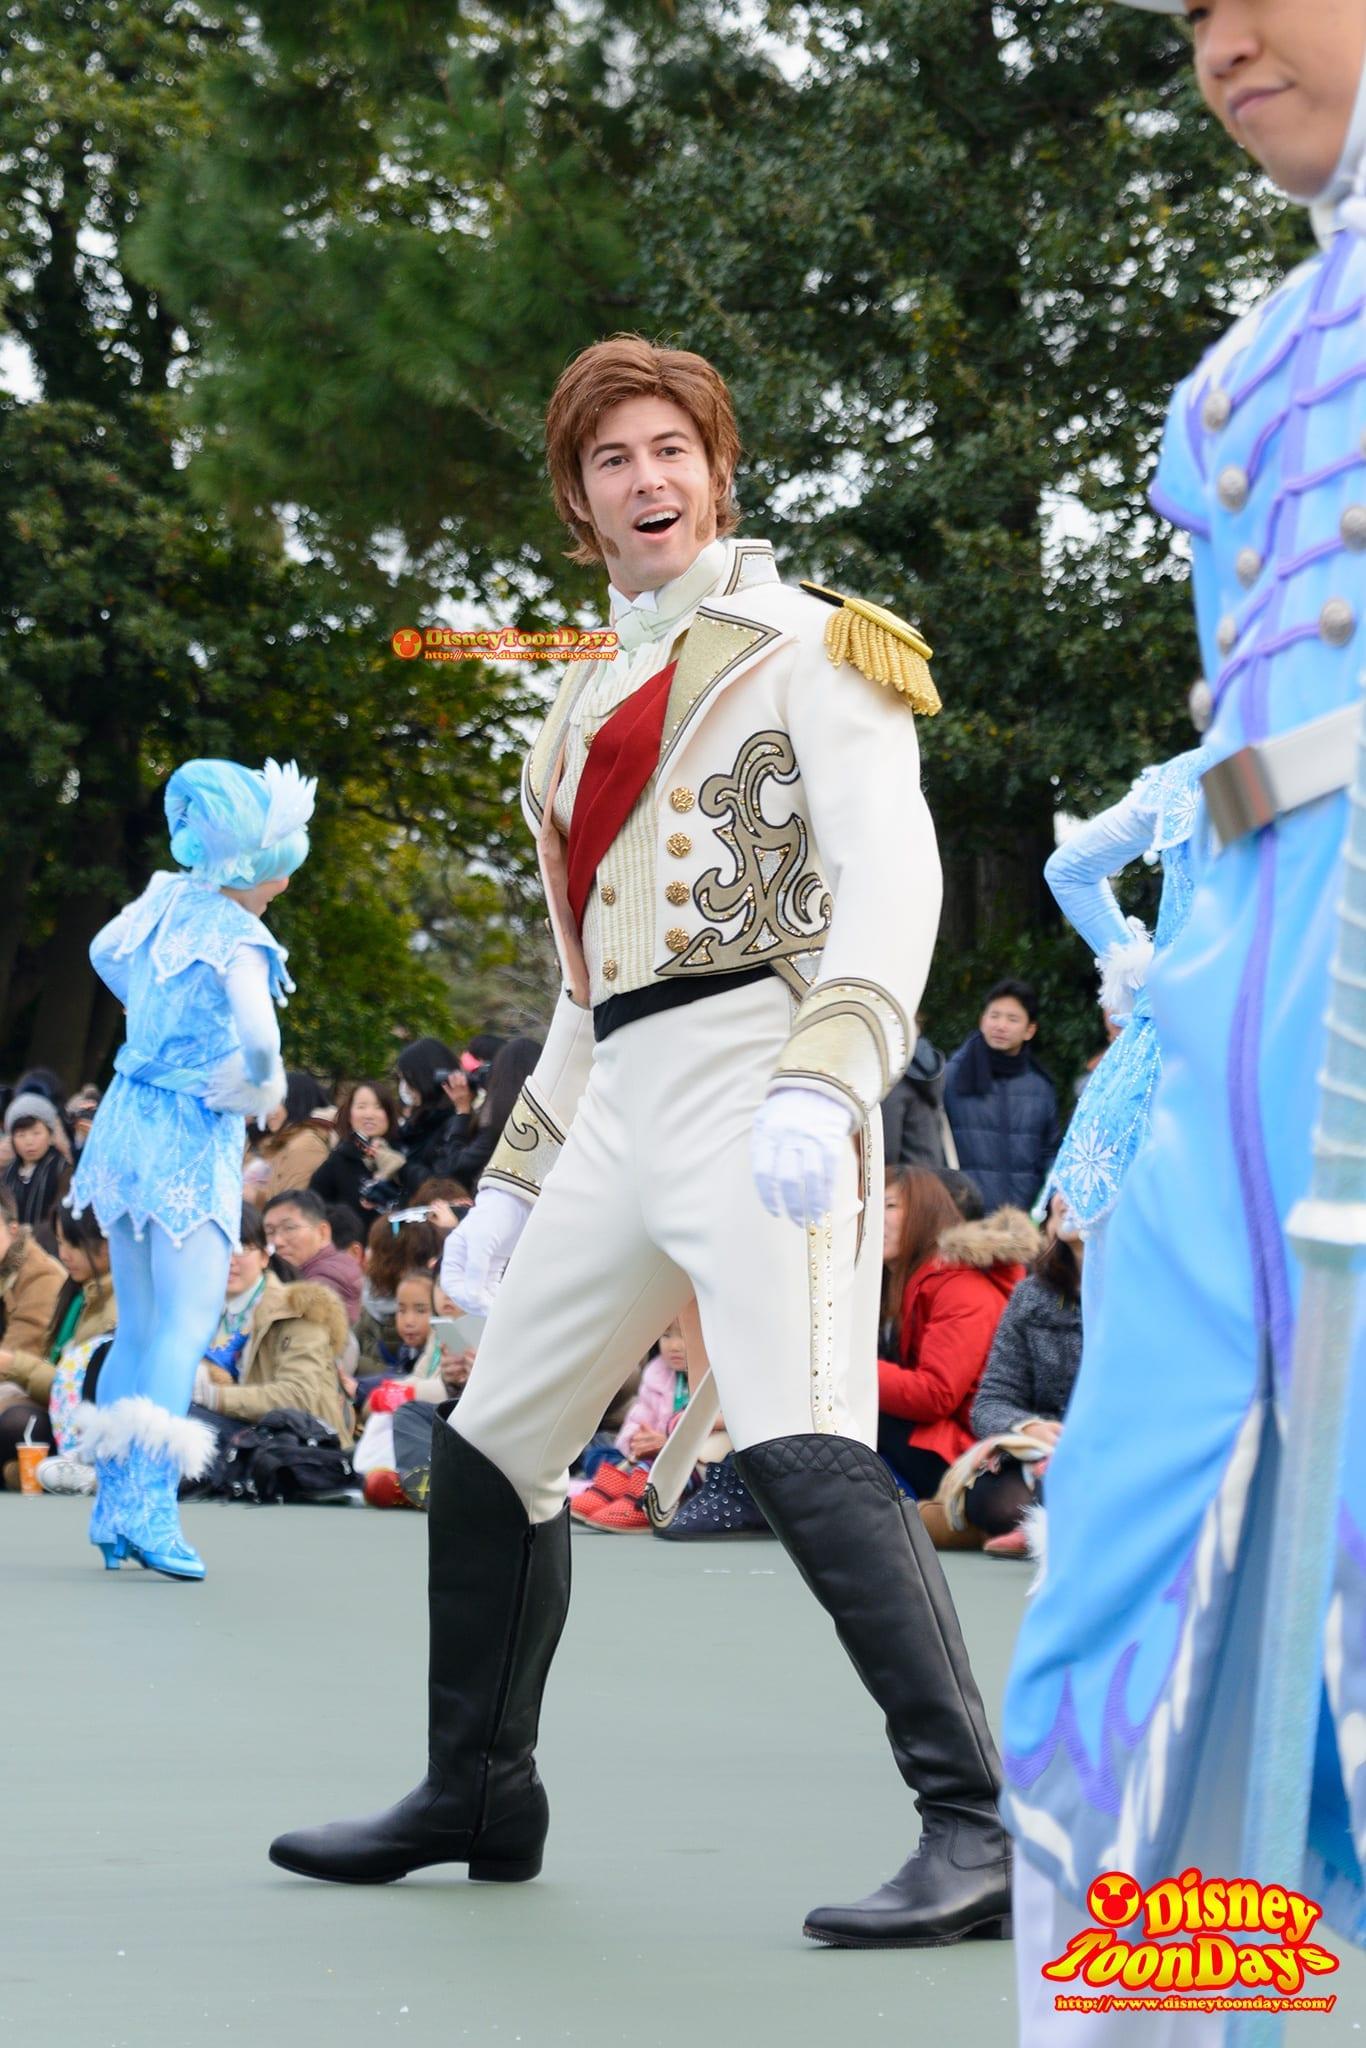 ノリノリで踊るハンス王子